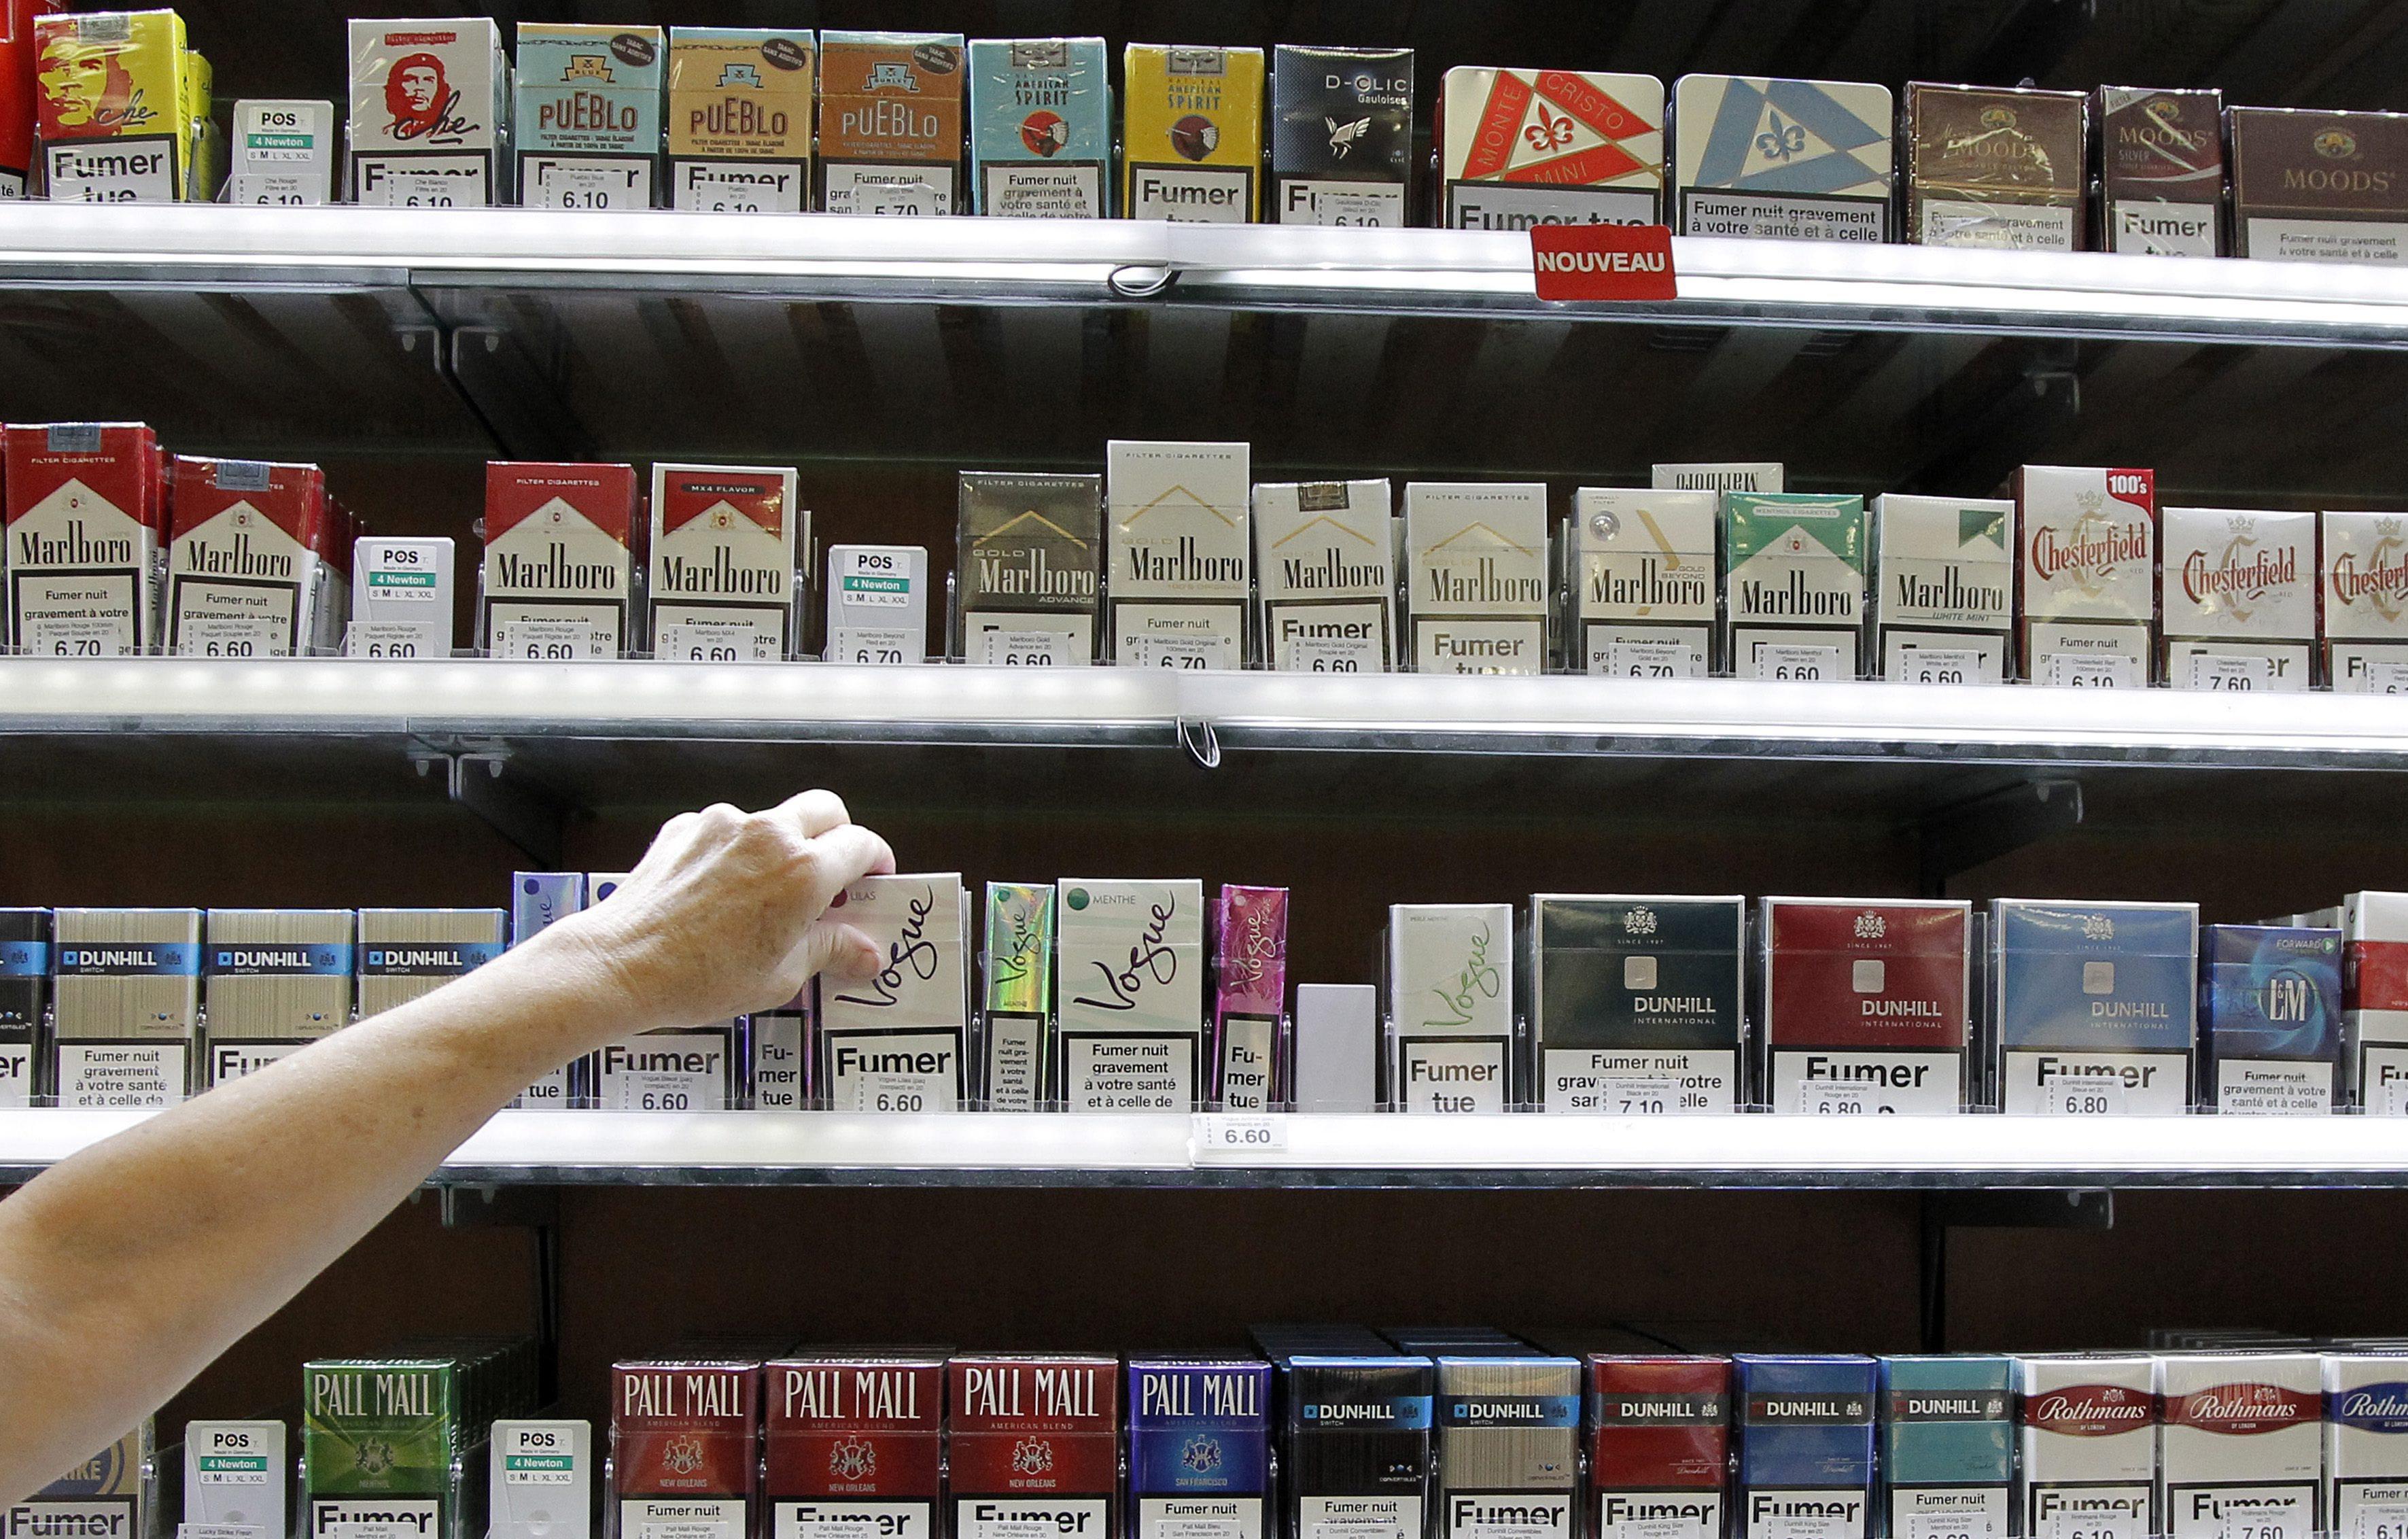 6530eeb1c02b Και από τα σούπερ μάρκετ θα διατίθενται πλεόν τα τσιγάρα - Ειδήσεις ...